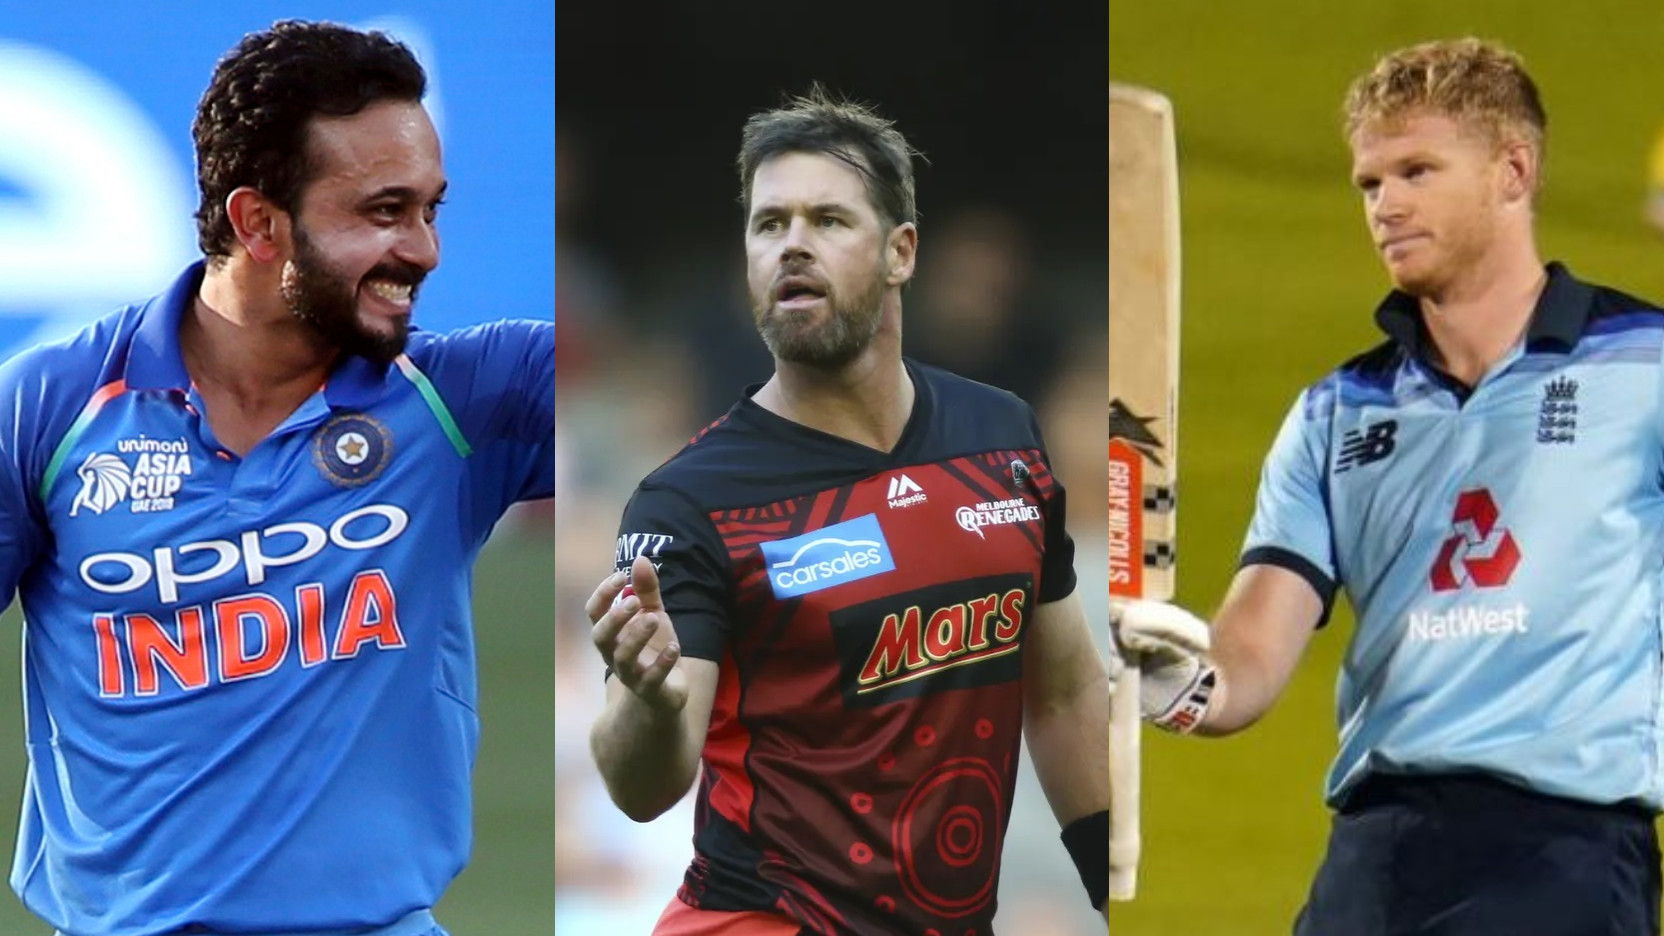 IPL 2021 Auction: RCB buys Dan Christian; DC rope in Sam Billings; Kedar Jadhav sold to SRH